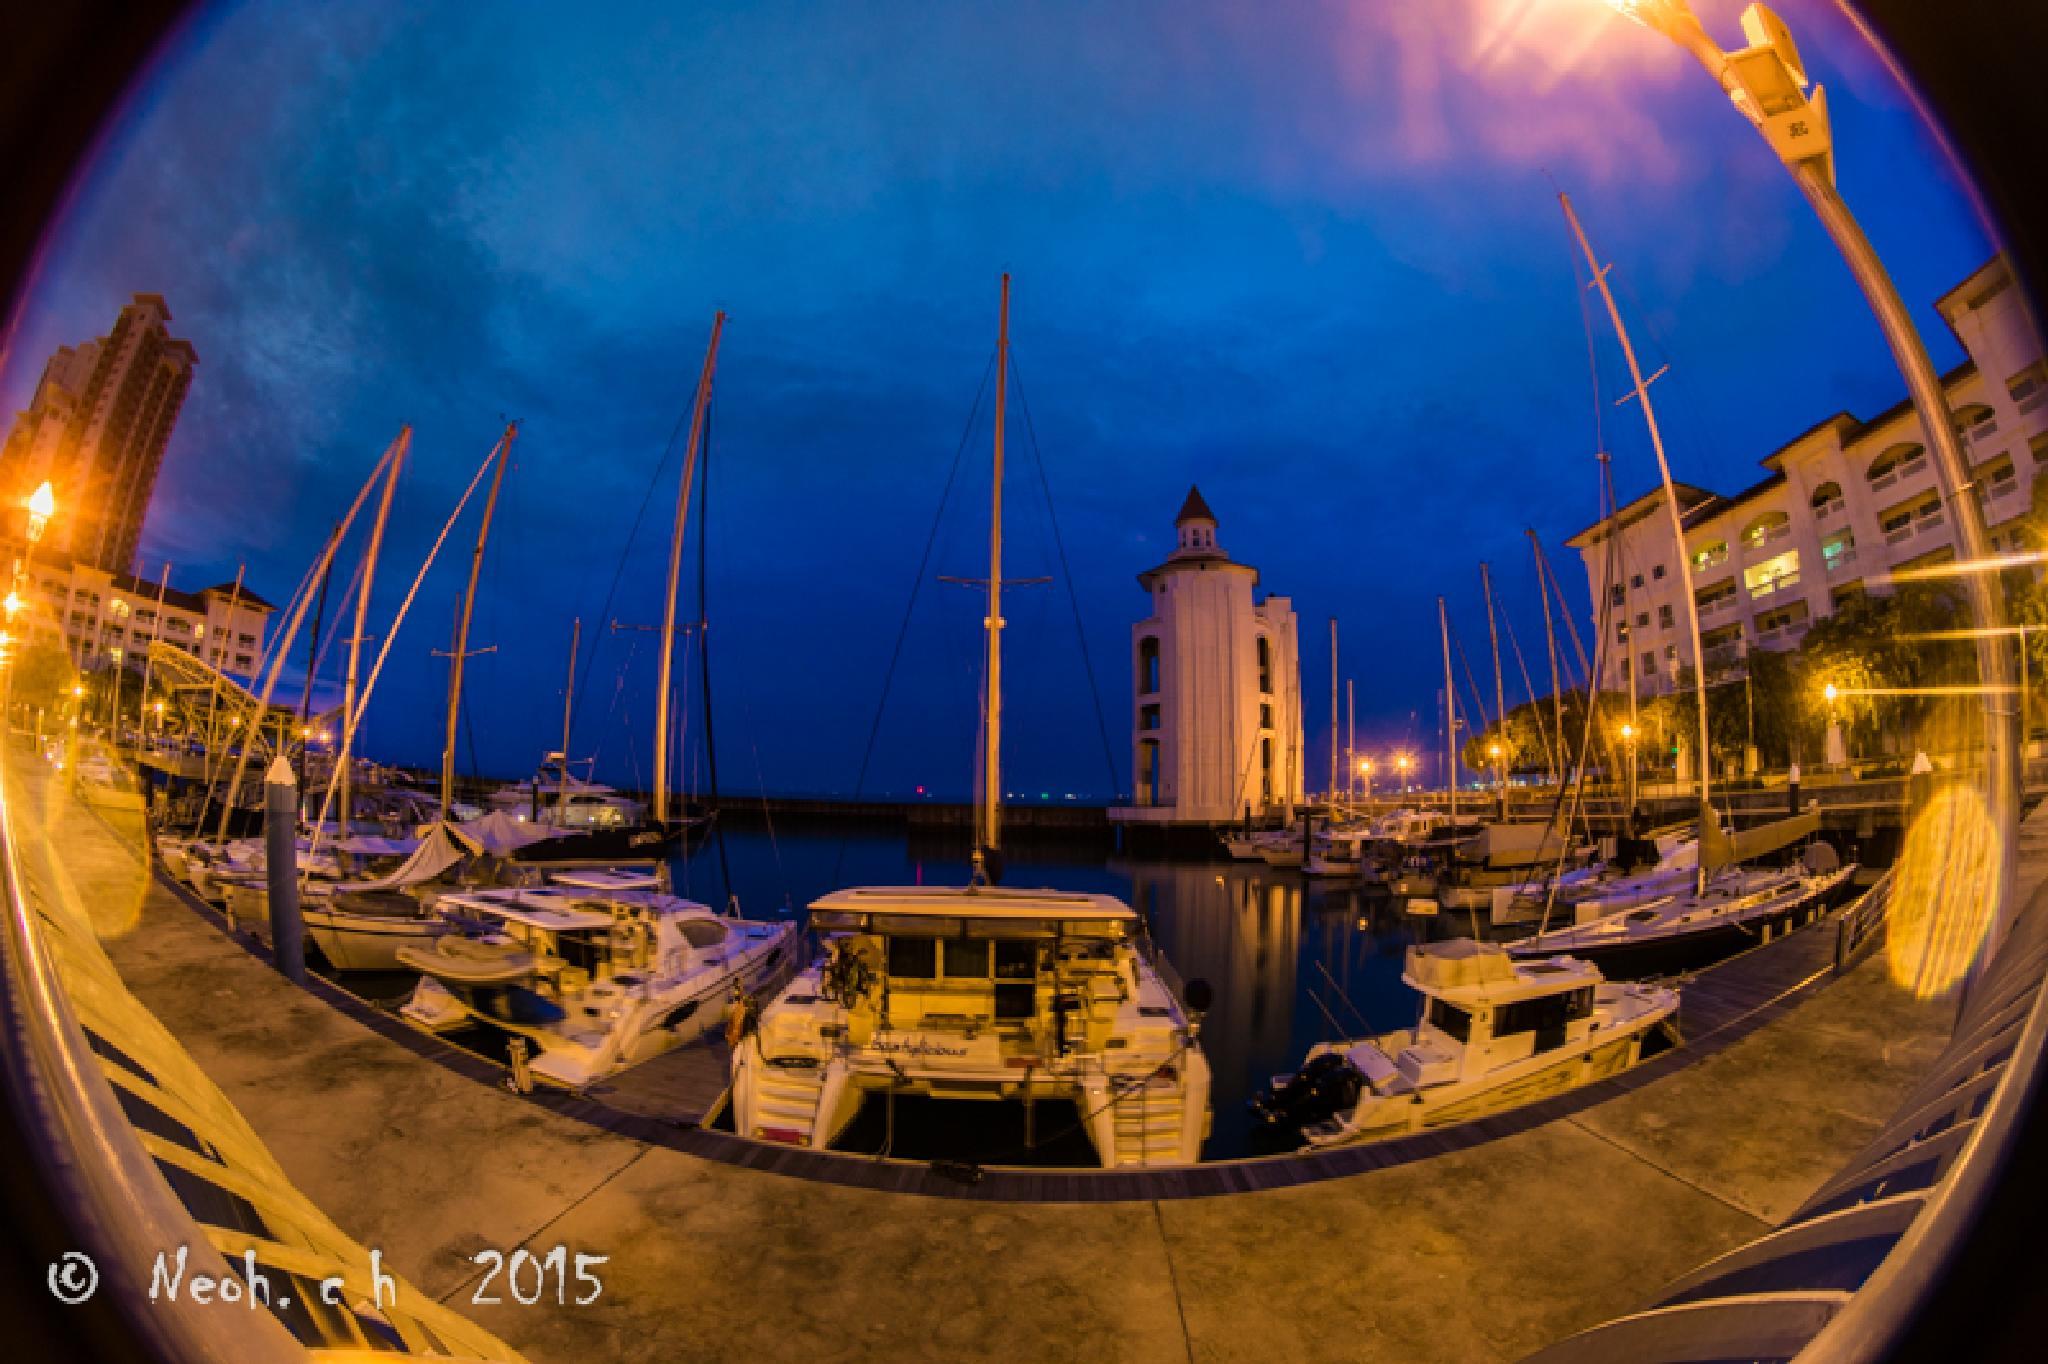 Marina by neohch